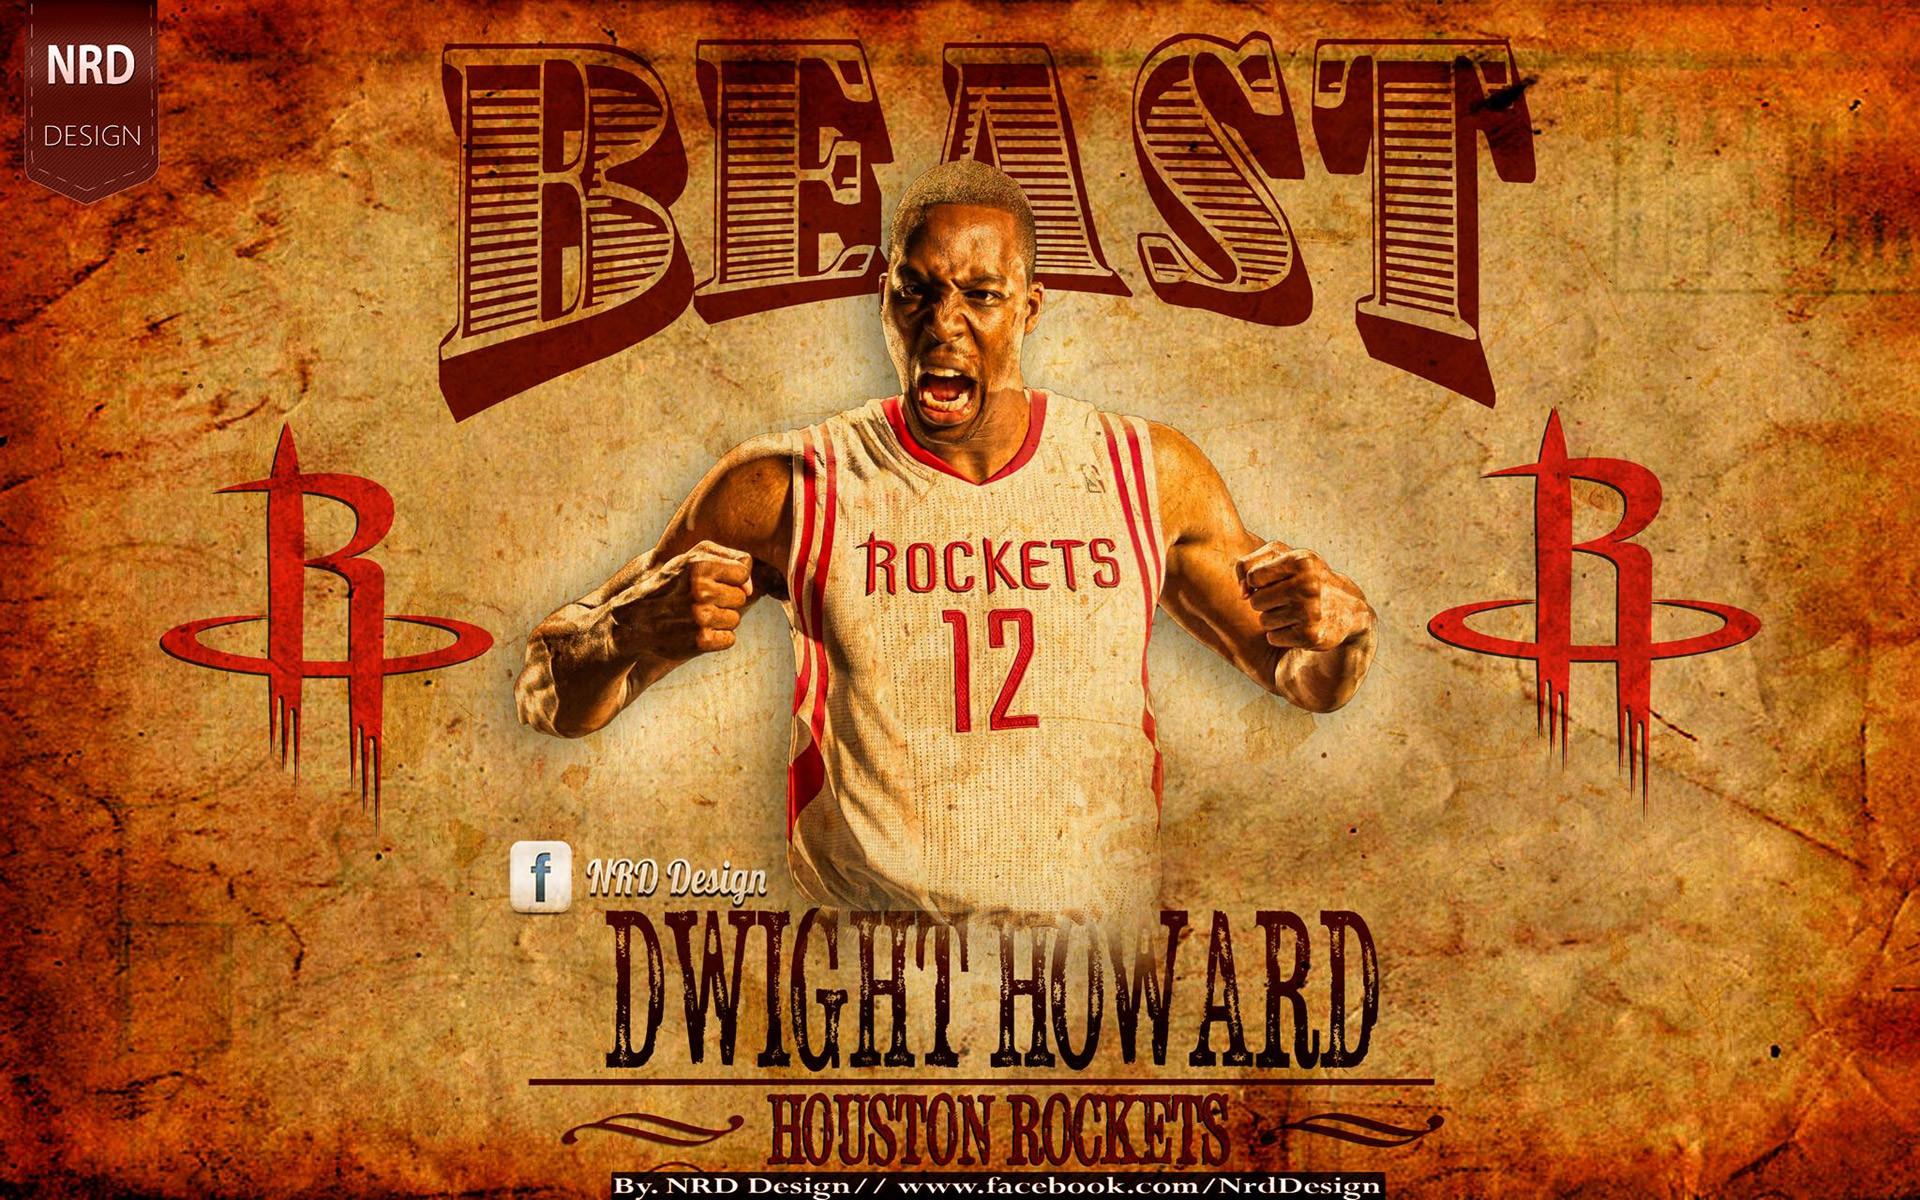 Dwight Howard Rockets Beast 2014 Wallpaper